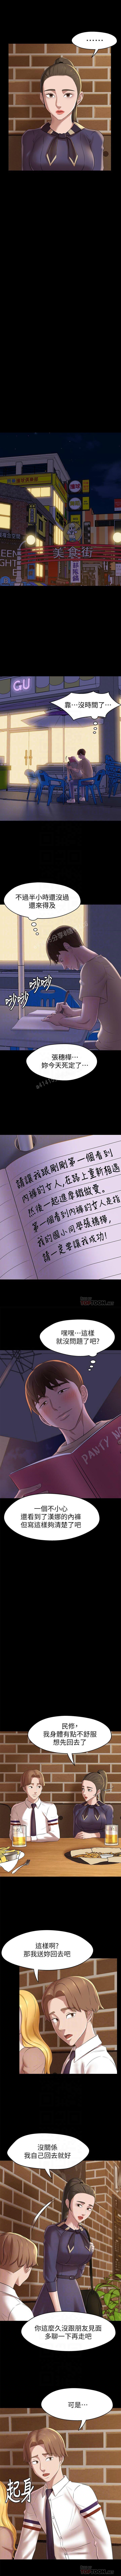 panty note 小褲褲筆記 小裤裤笔记 01-35 连载中 中文 重新排序 Reorder 140